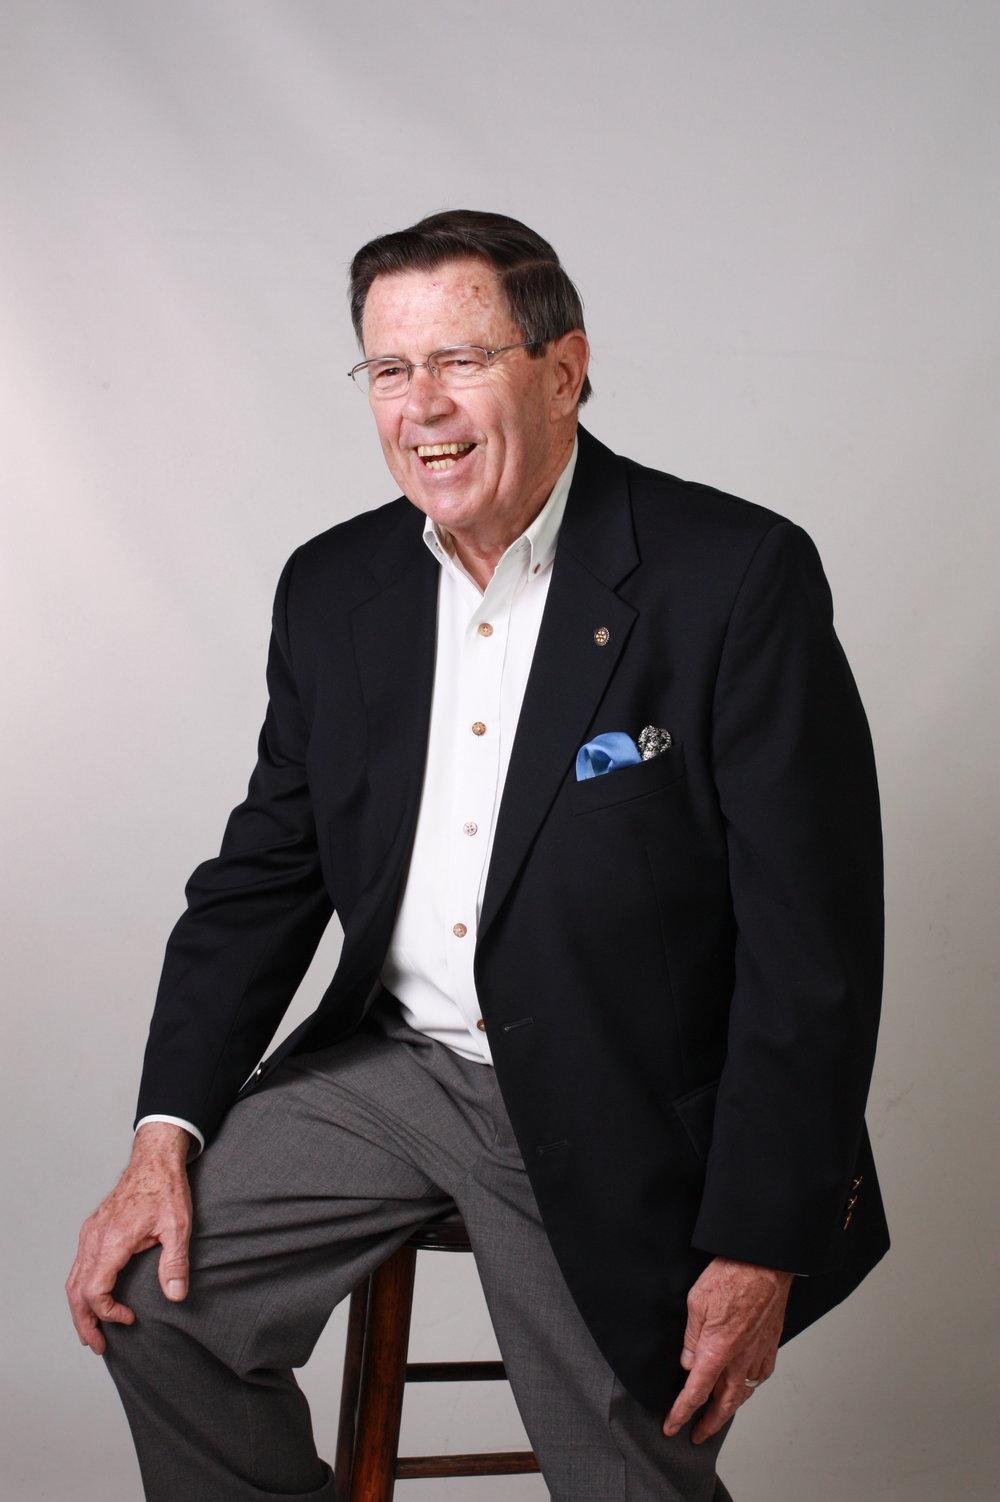 Bill Nesbitt